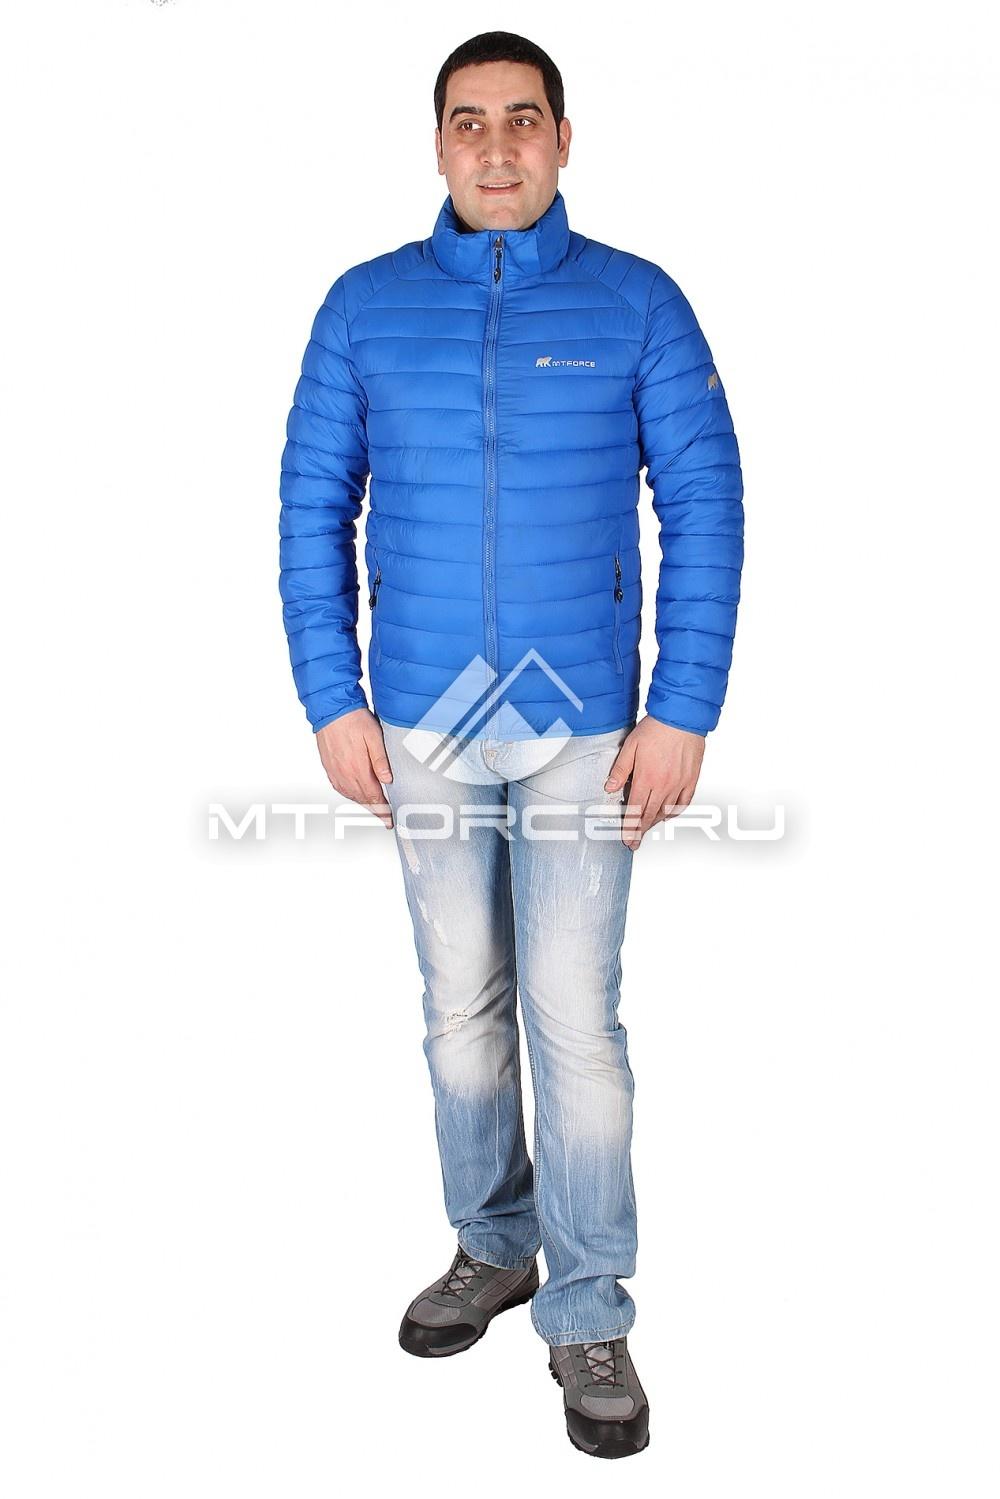 Купить                                  оптом Куртка мужская стеганная синего цвета 1607S